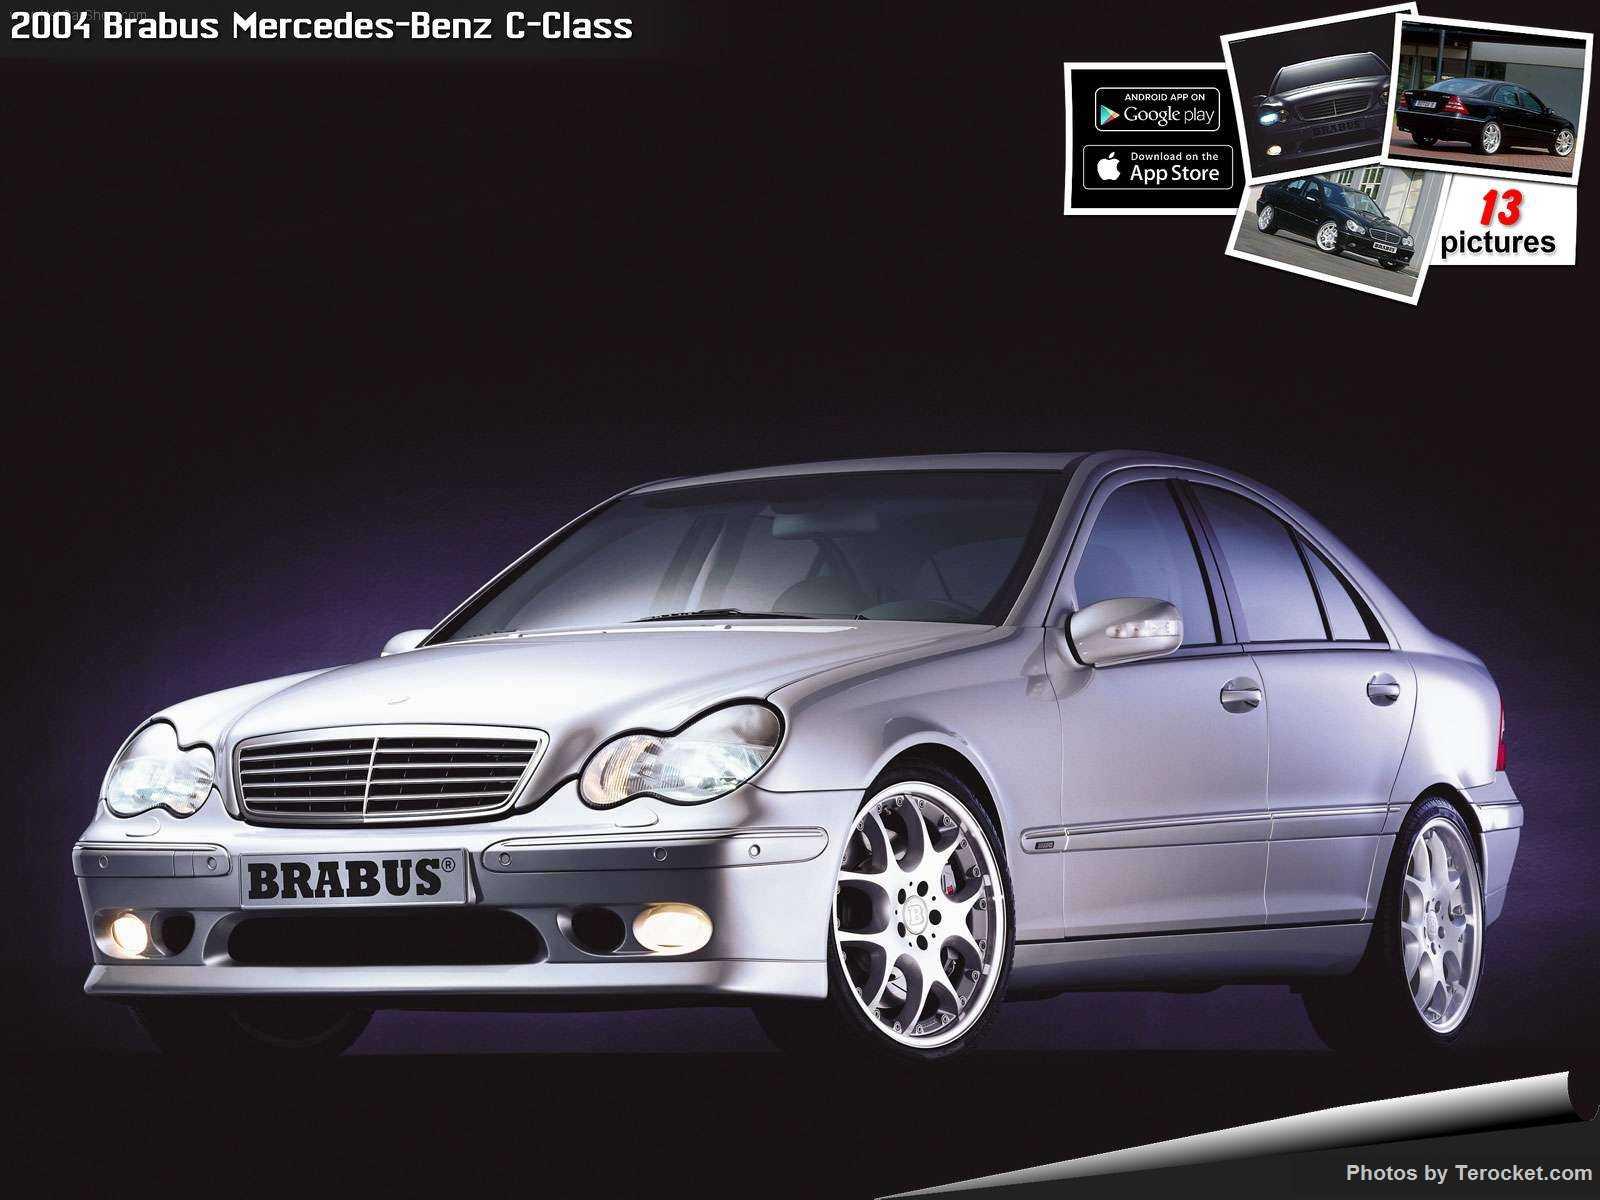 Hình ảnh xe ô tô Brabus Mercedes-Benz C-Class 2004 & nội ngoại thất